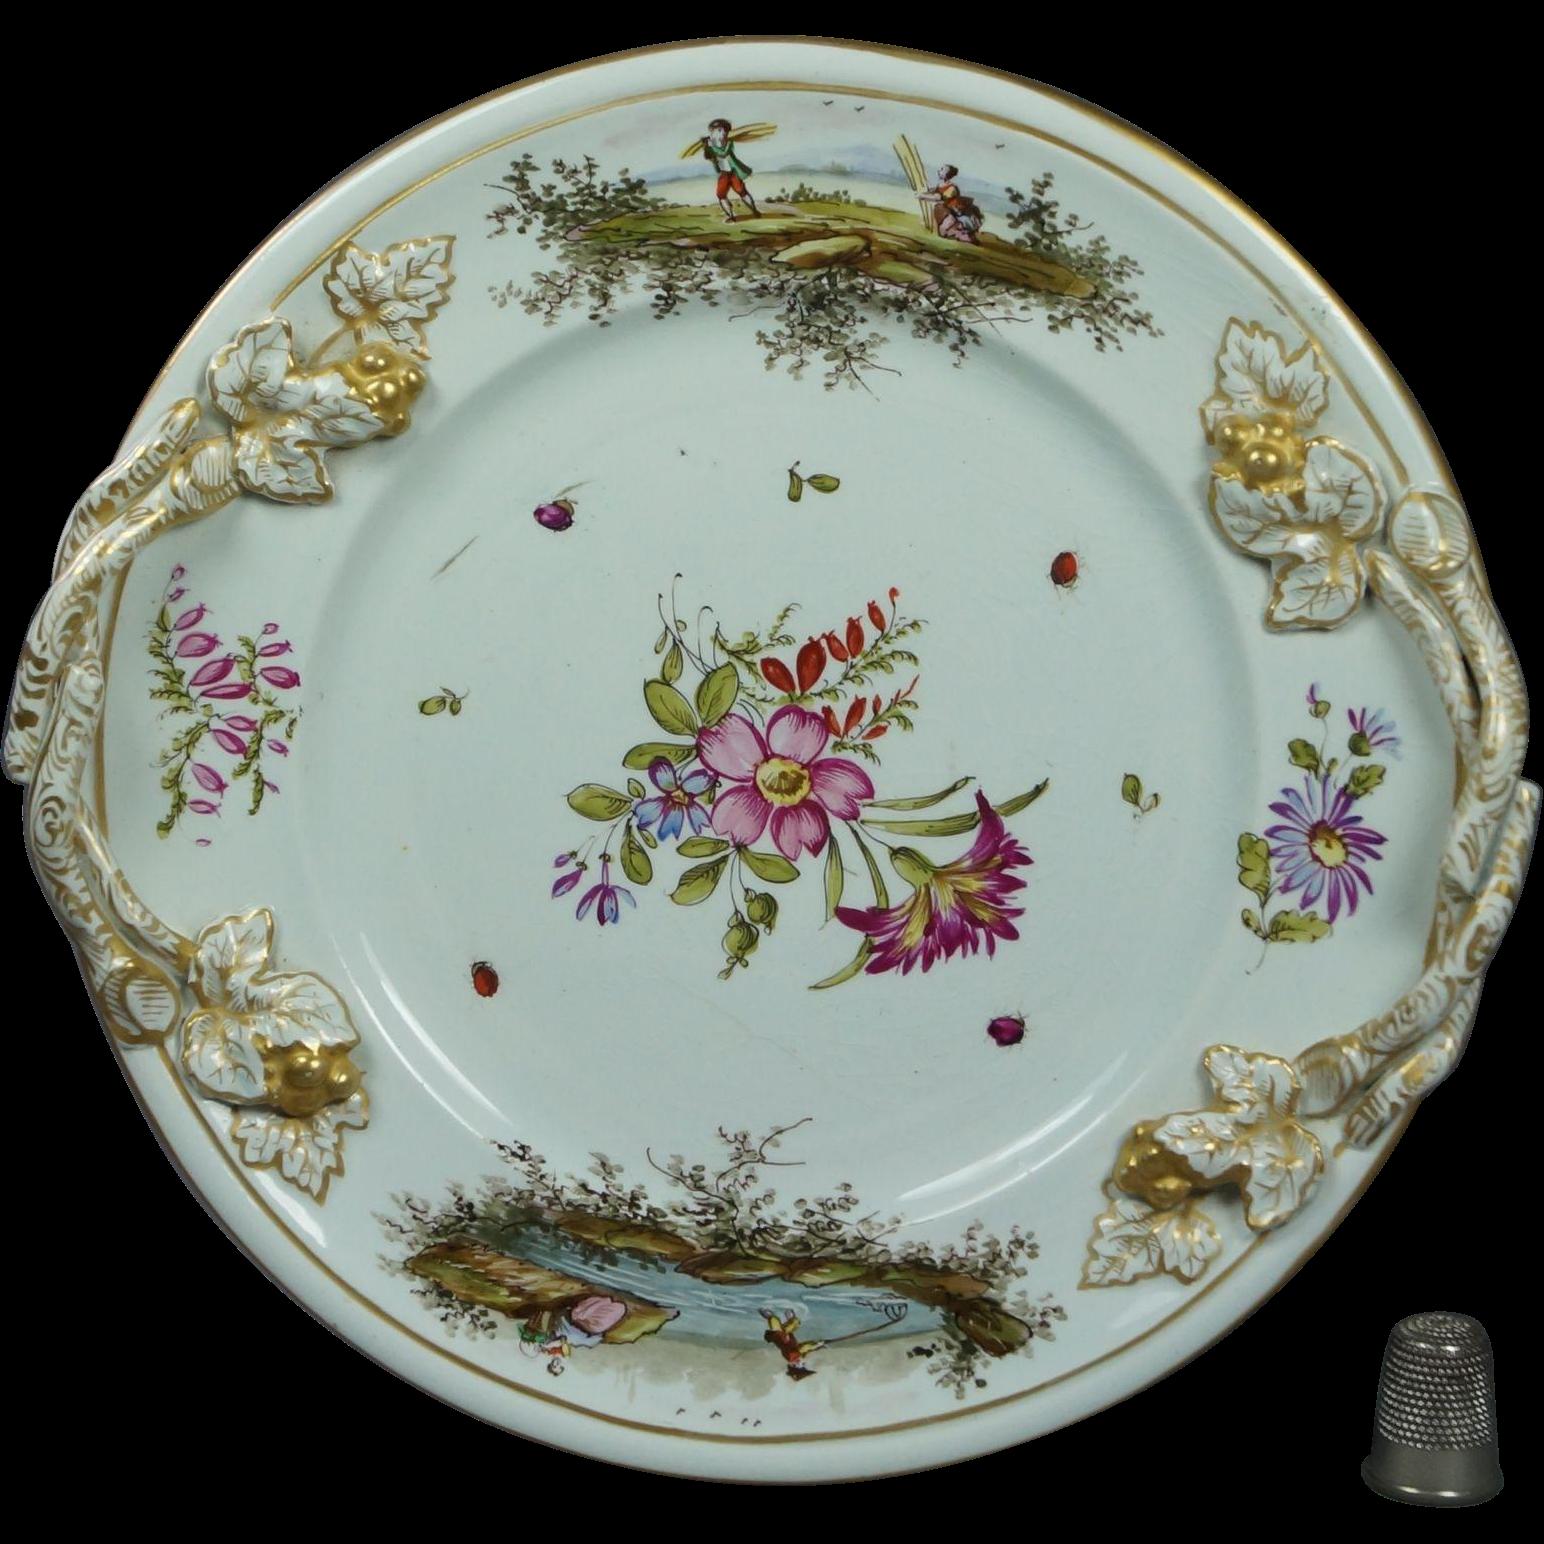 Antique 18th Century Faience Porcelain Plate Hochst Floral Insects Deutsche Blumen German Circa 1750